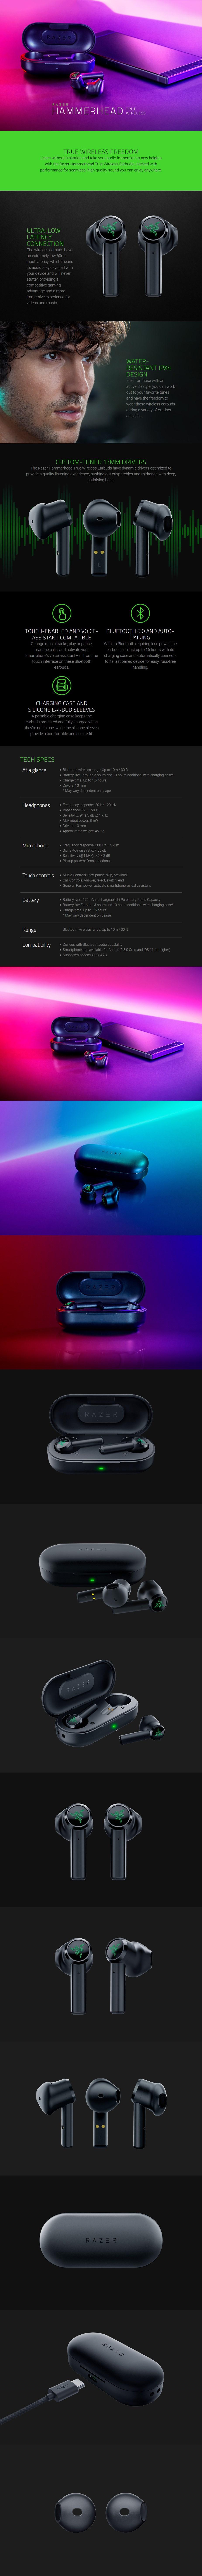 Razer Hammerhead True Wireless Earbuds - Overview 1